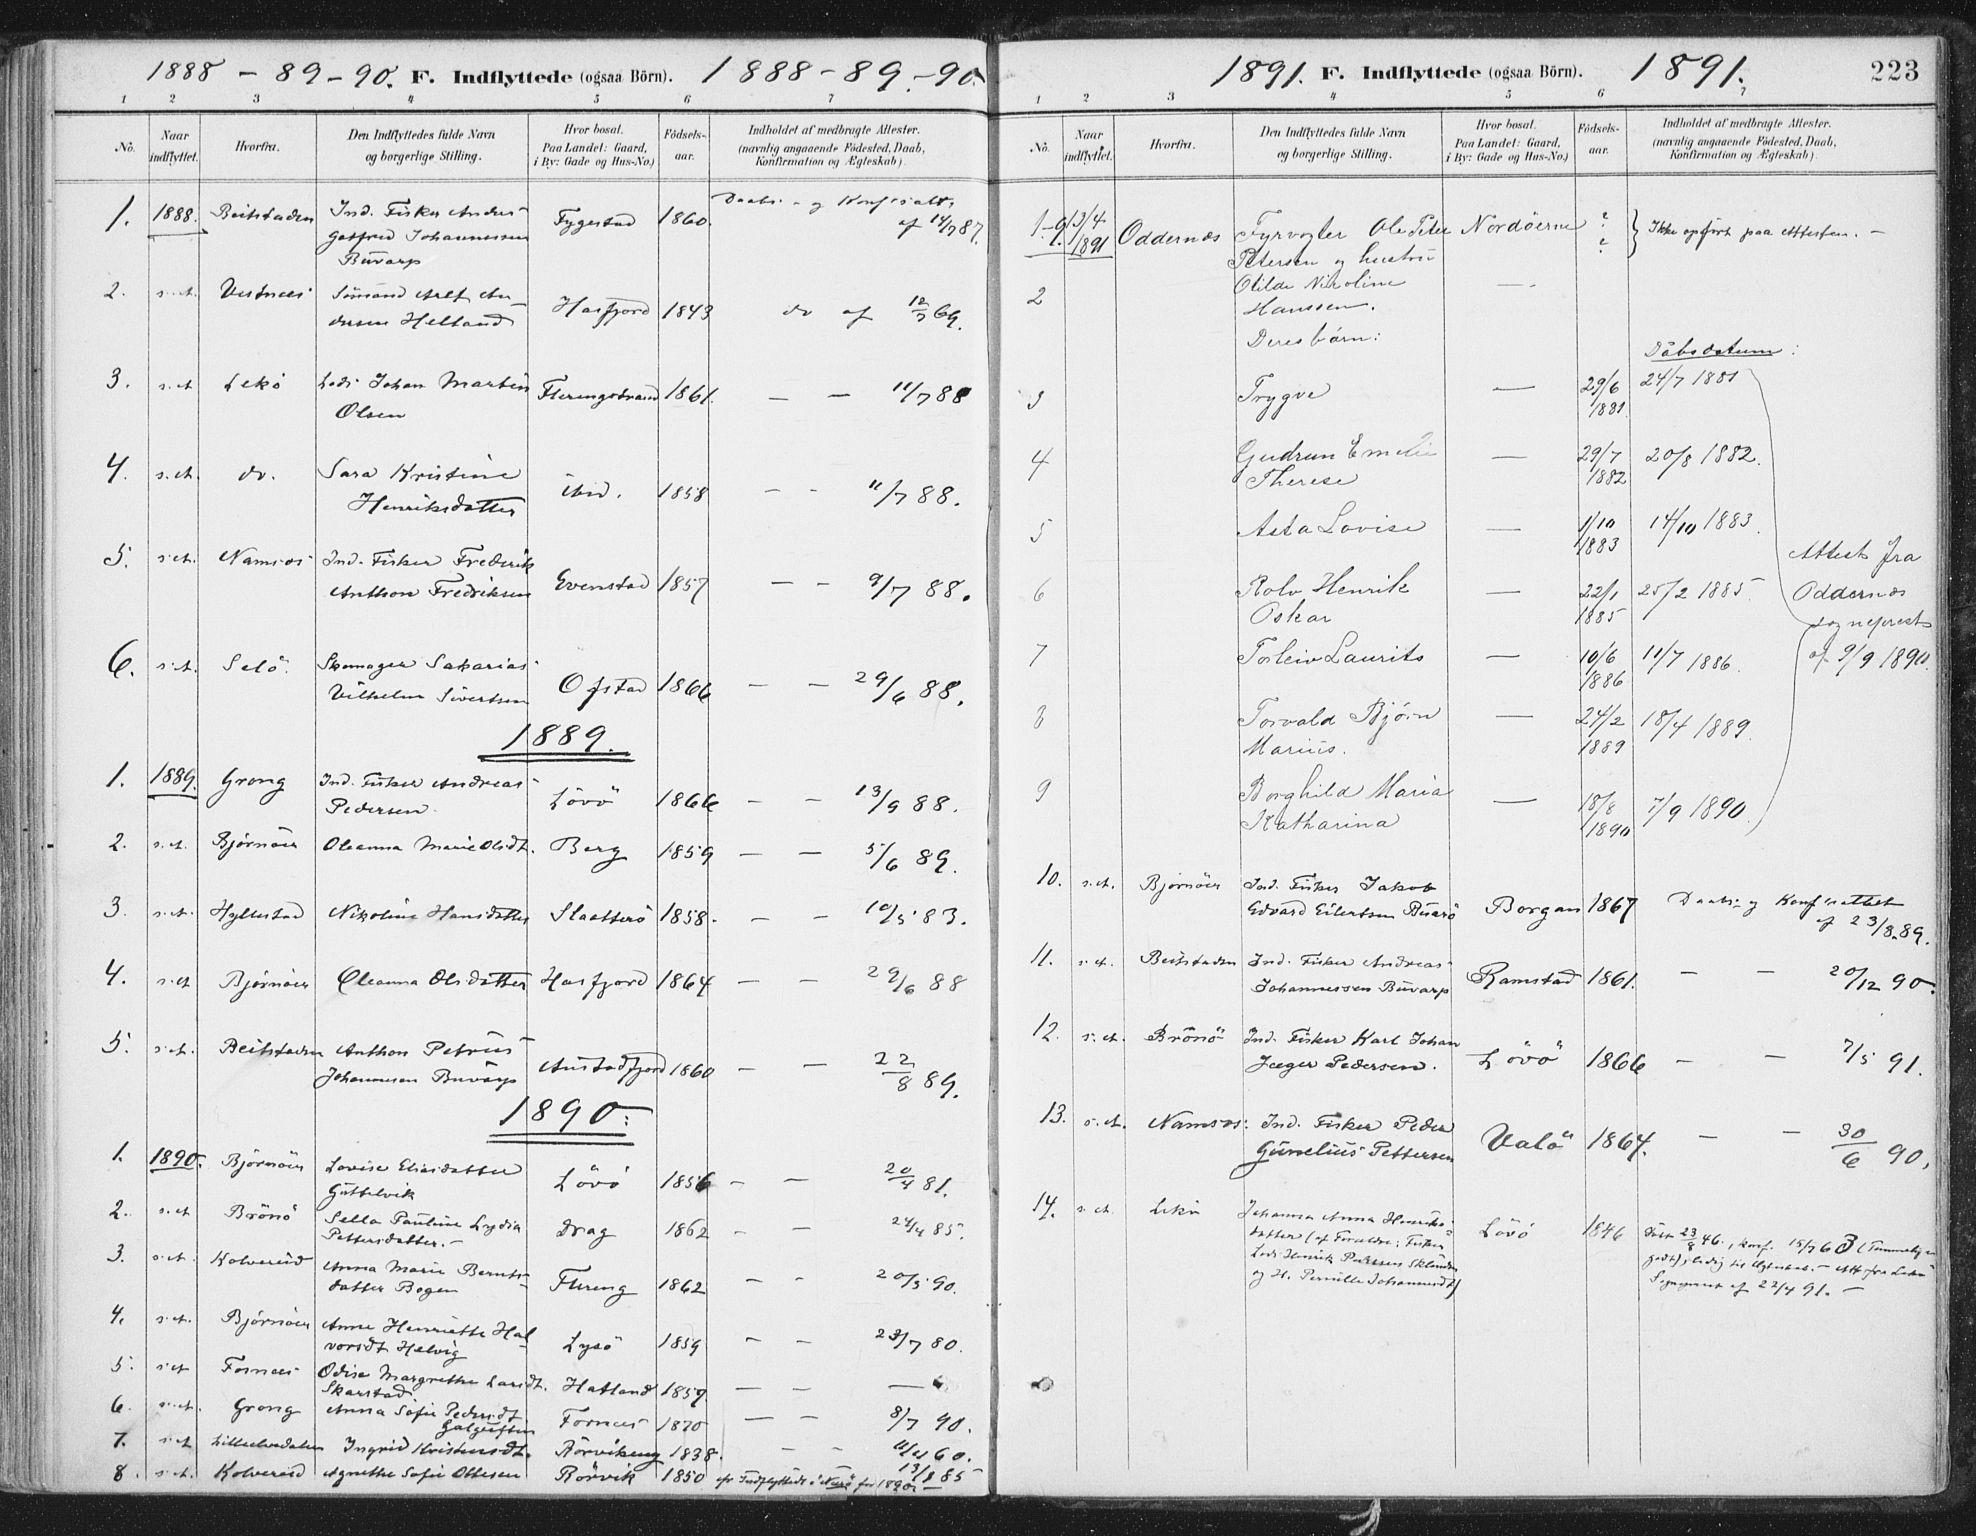 SAT, Ministerialprotokoller, klokkerbøker og fødselsregistre - Nord-Trøndelag, 786/L0687: Ministerialbok nr. 786A03, 1888-1898, s. 223